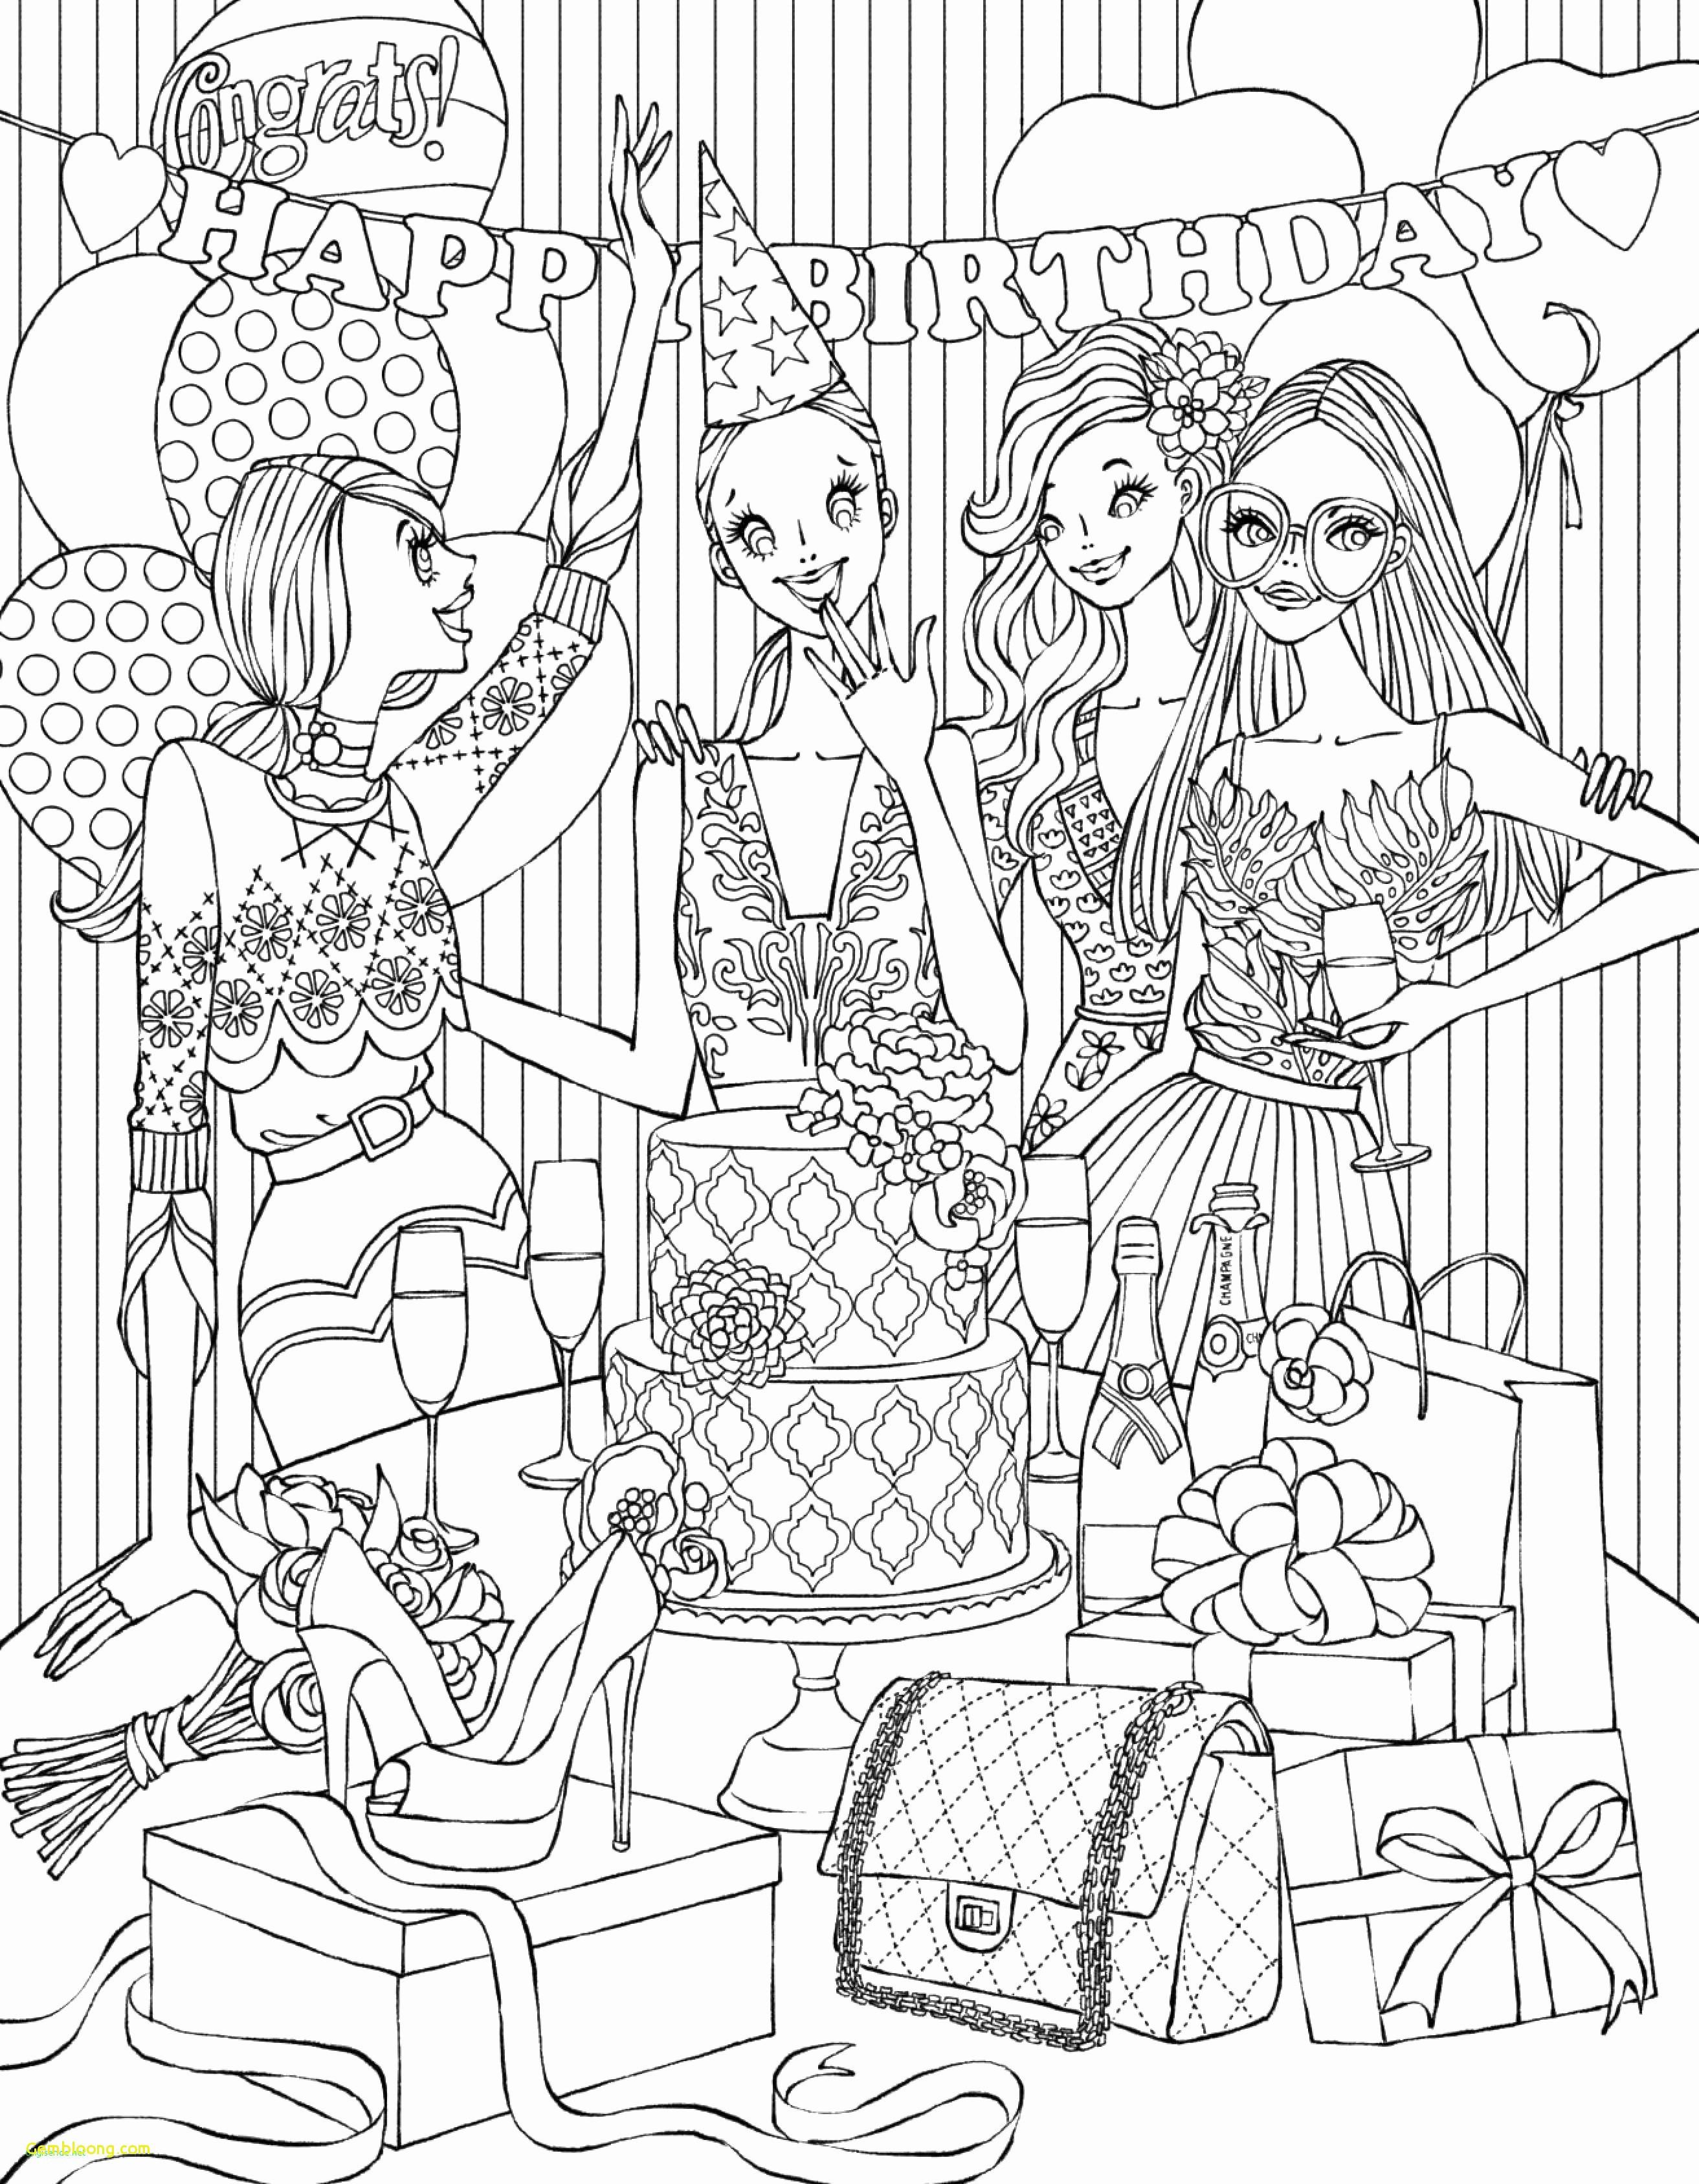 Ausmalbilder Disney Fairies Inspirierend 50 Disney Princess Magazine Magazine Gallery Galerie